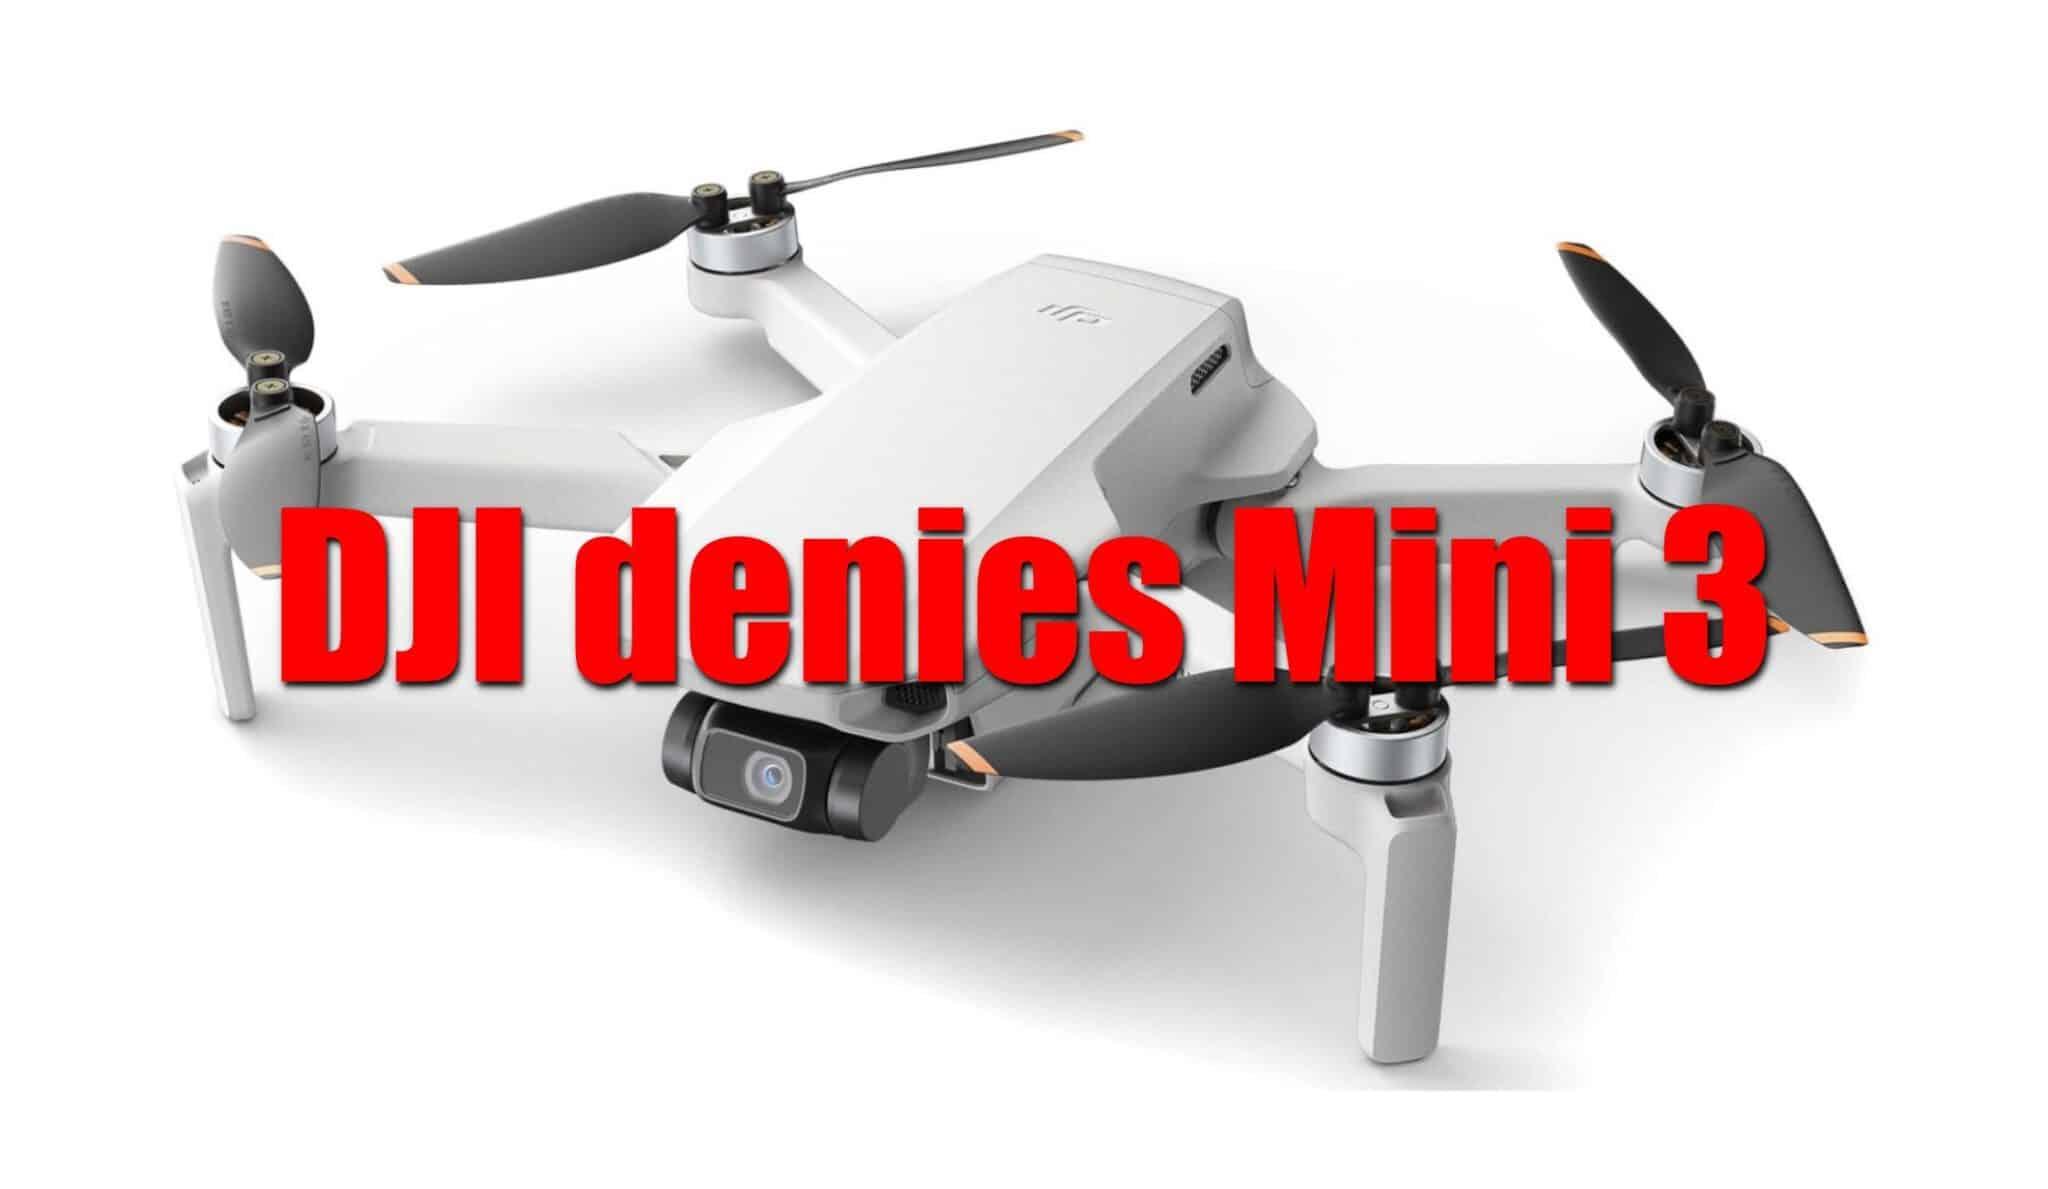 DJI Mini 3 existence denied by DJI spokesperson